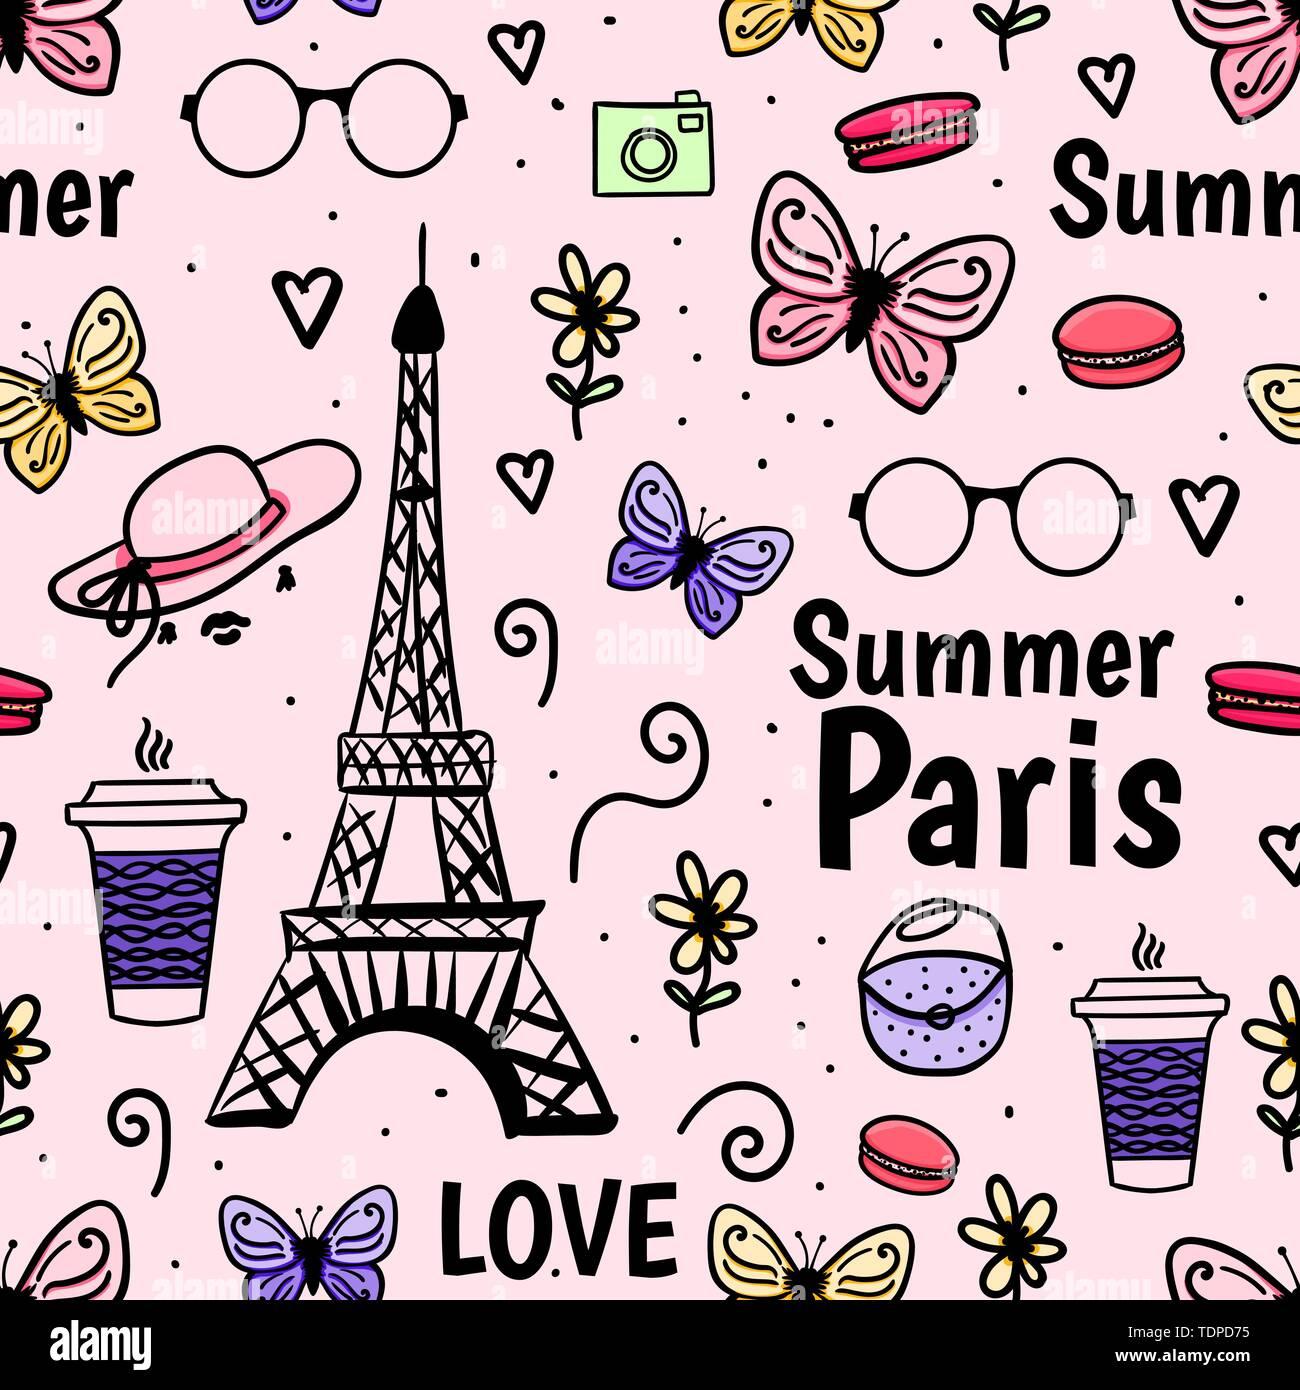 Sommer Paris mit Eiffelturm, Schmetterling. Vektor nahtlose Muster. Weiblich rosa Hintergrund. Stock Vektor